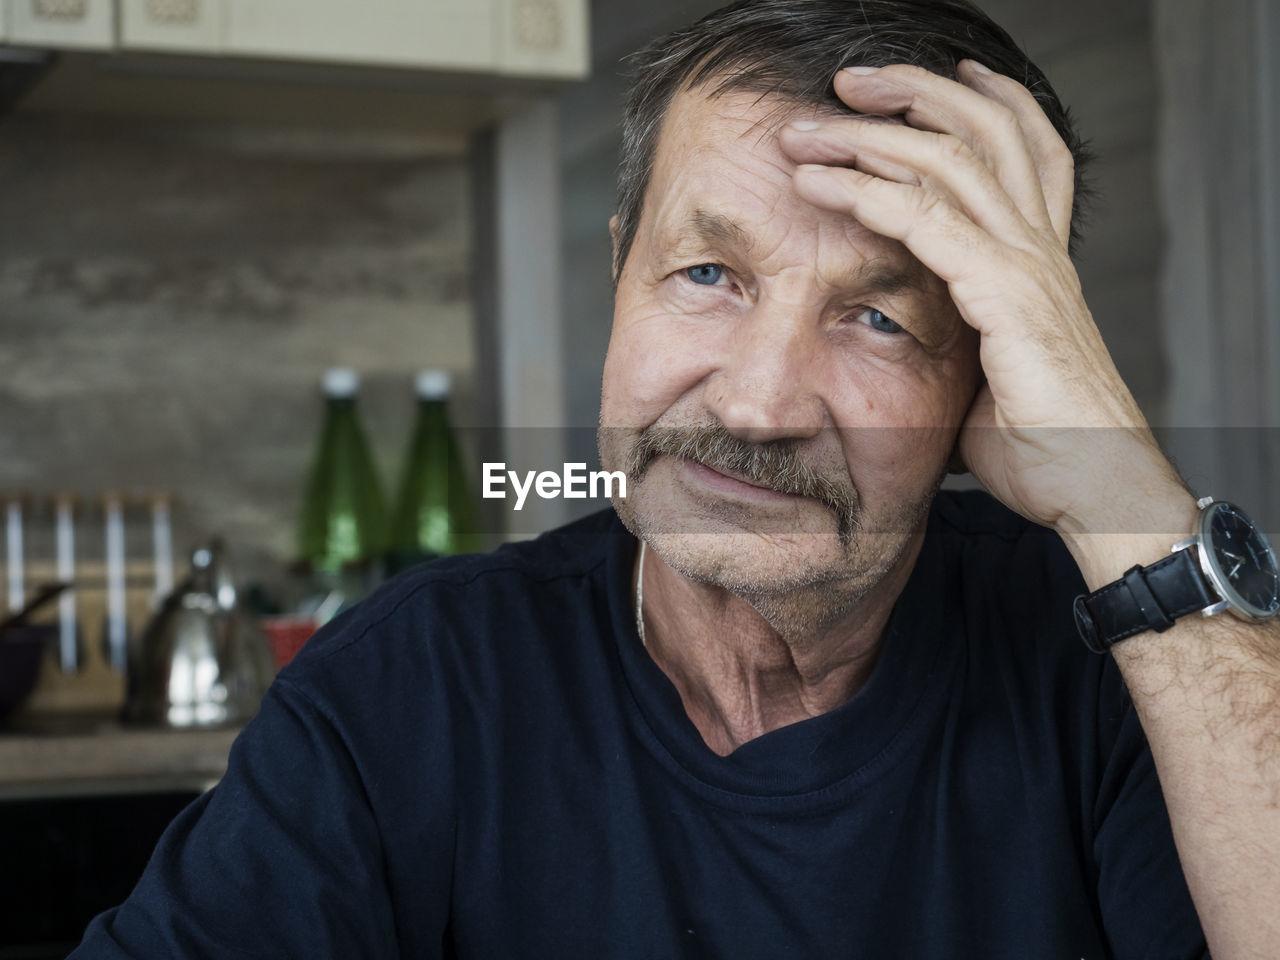 Portrait Of Senior Man In Kitchen At Home